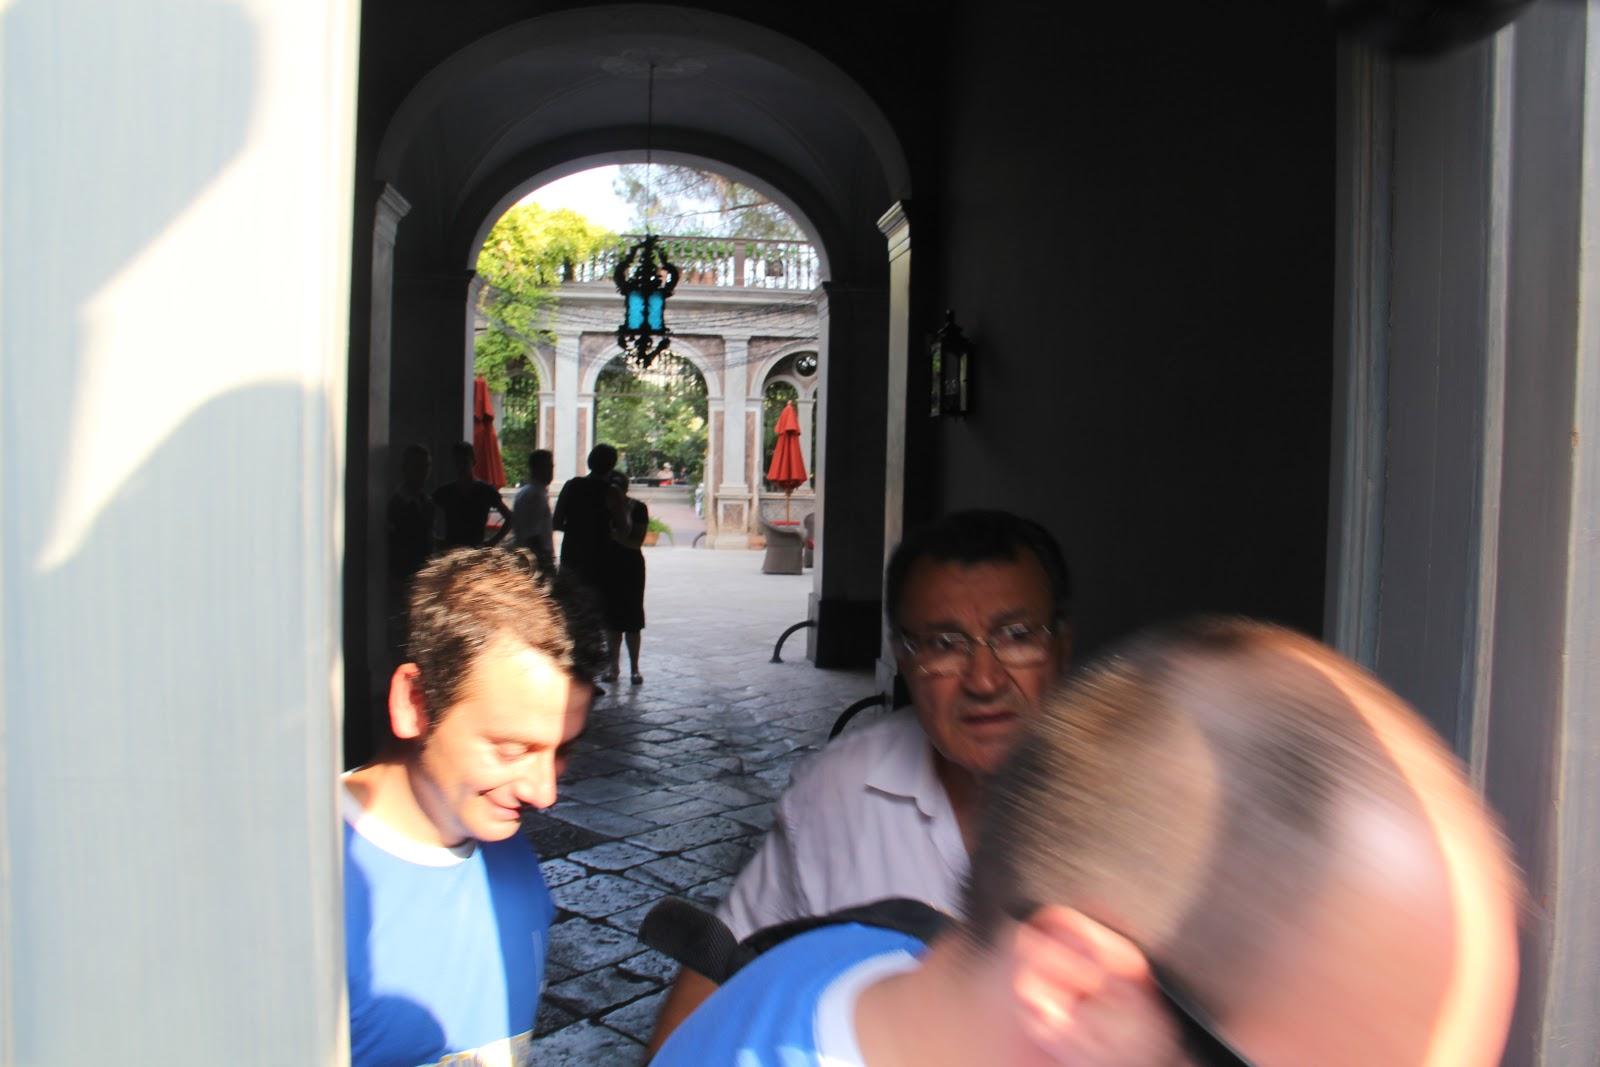 http://2.bp.blogspot.com/-SwQWAjVW6X4/Tmpn5mEUY-I/AAAAAAAAJt0/Ki5AkqGoO3I/s1600/10+I+ragazzi+dello+Staff+Bernalda+27-08-11.JPG